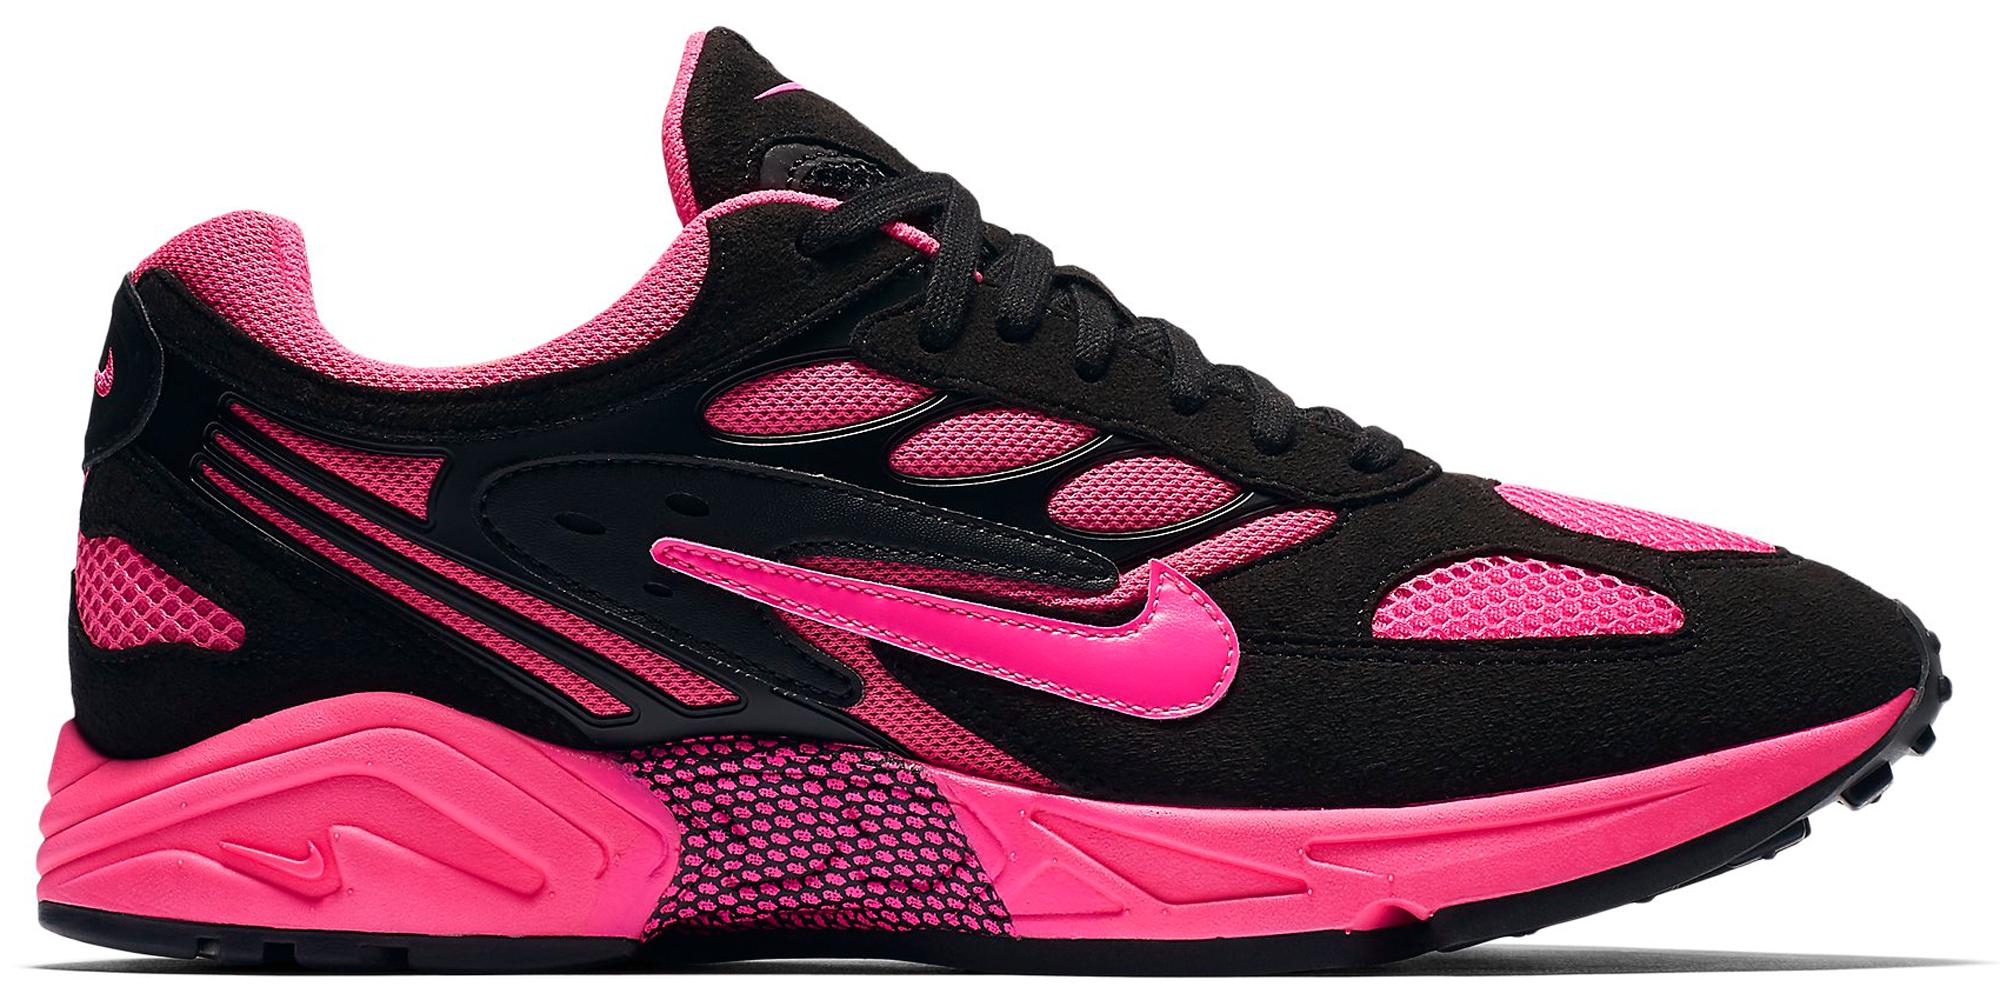 Nike Air Ghost Racer Black Pink